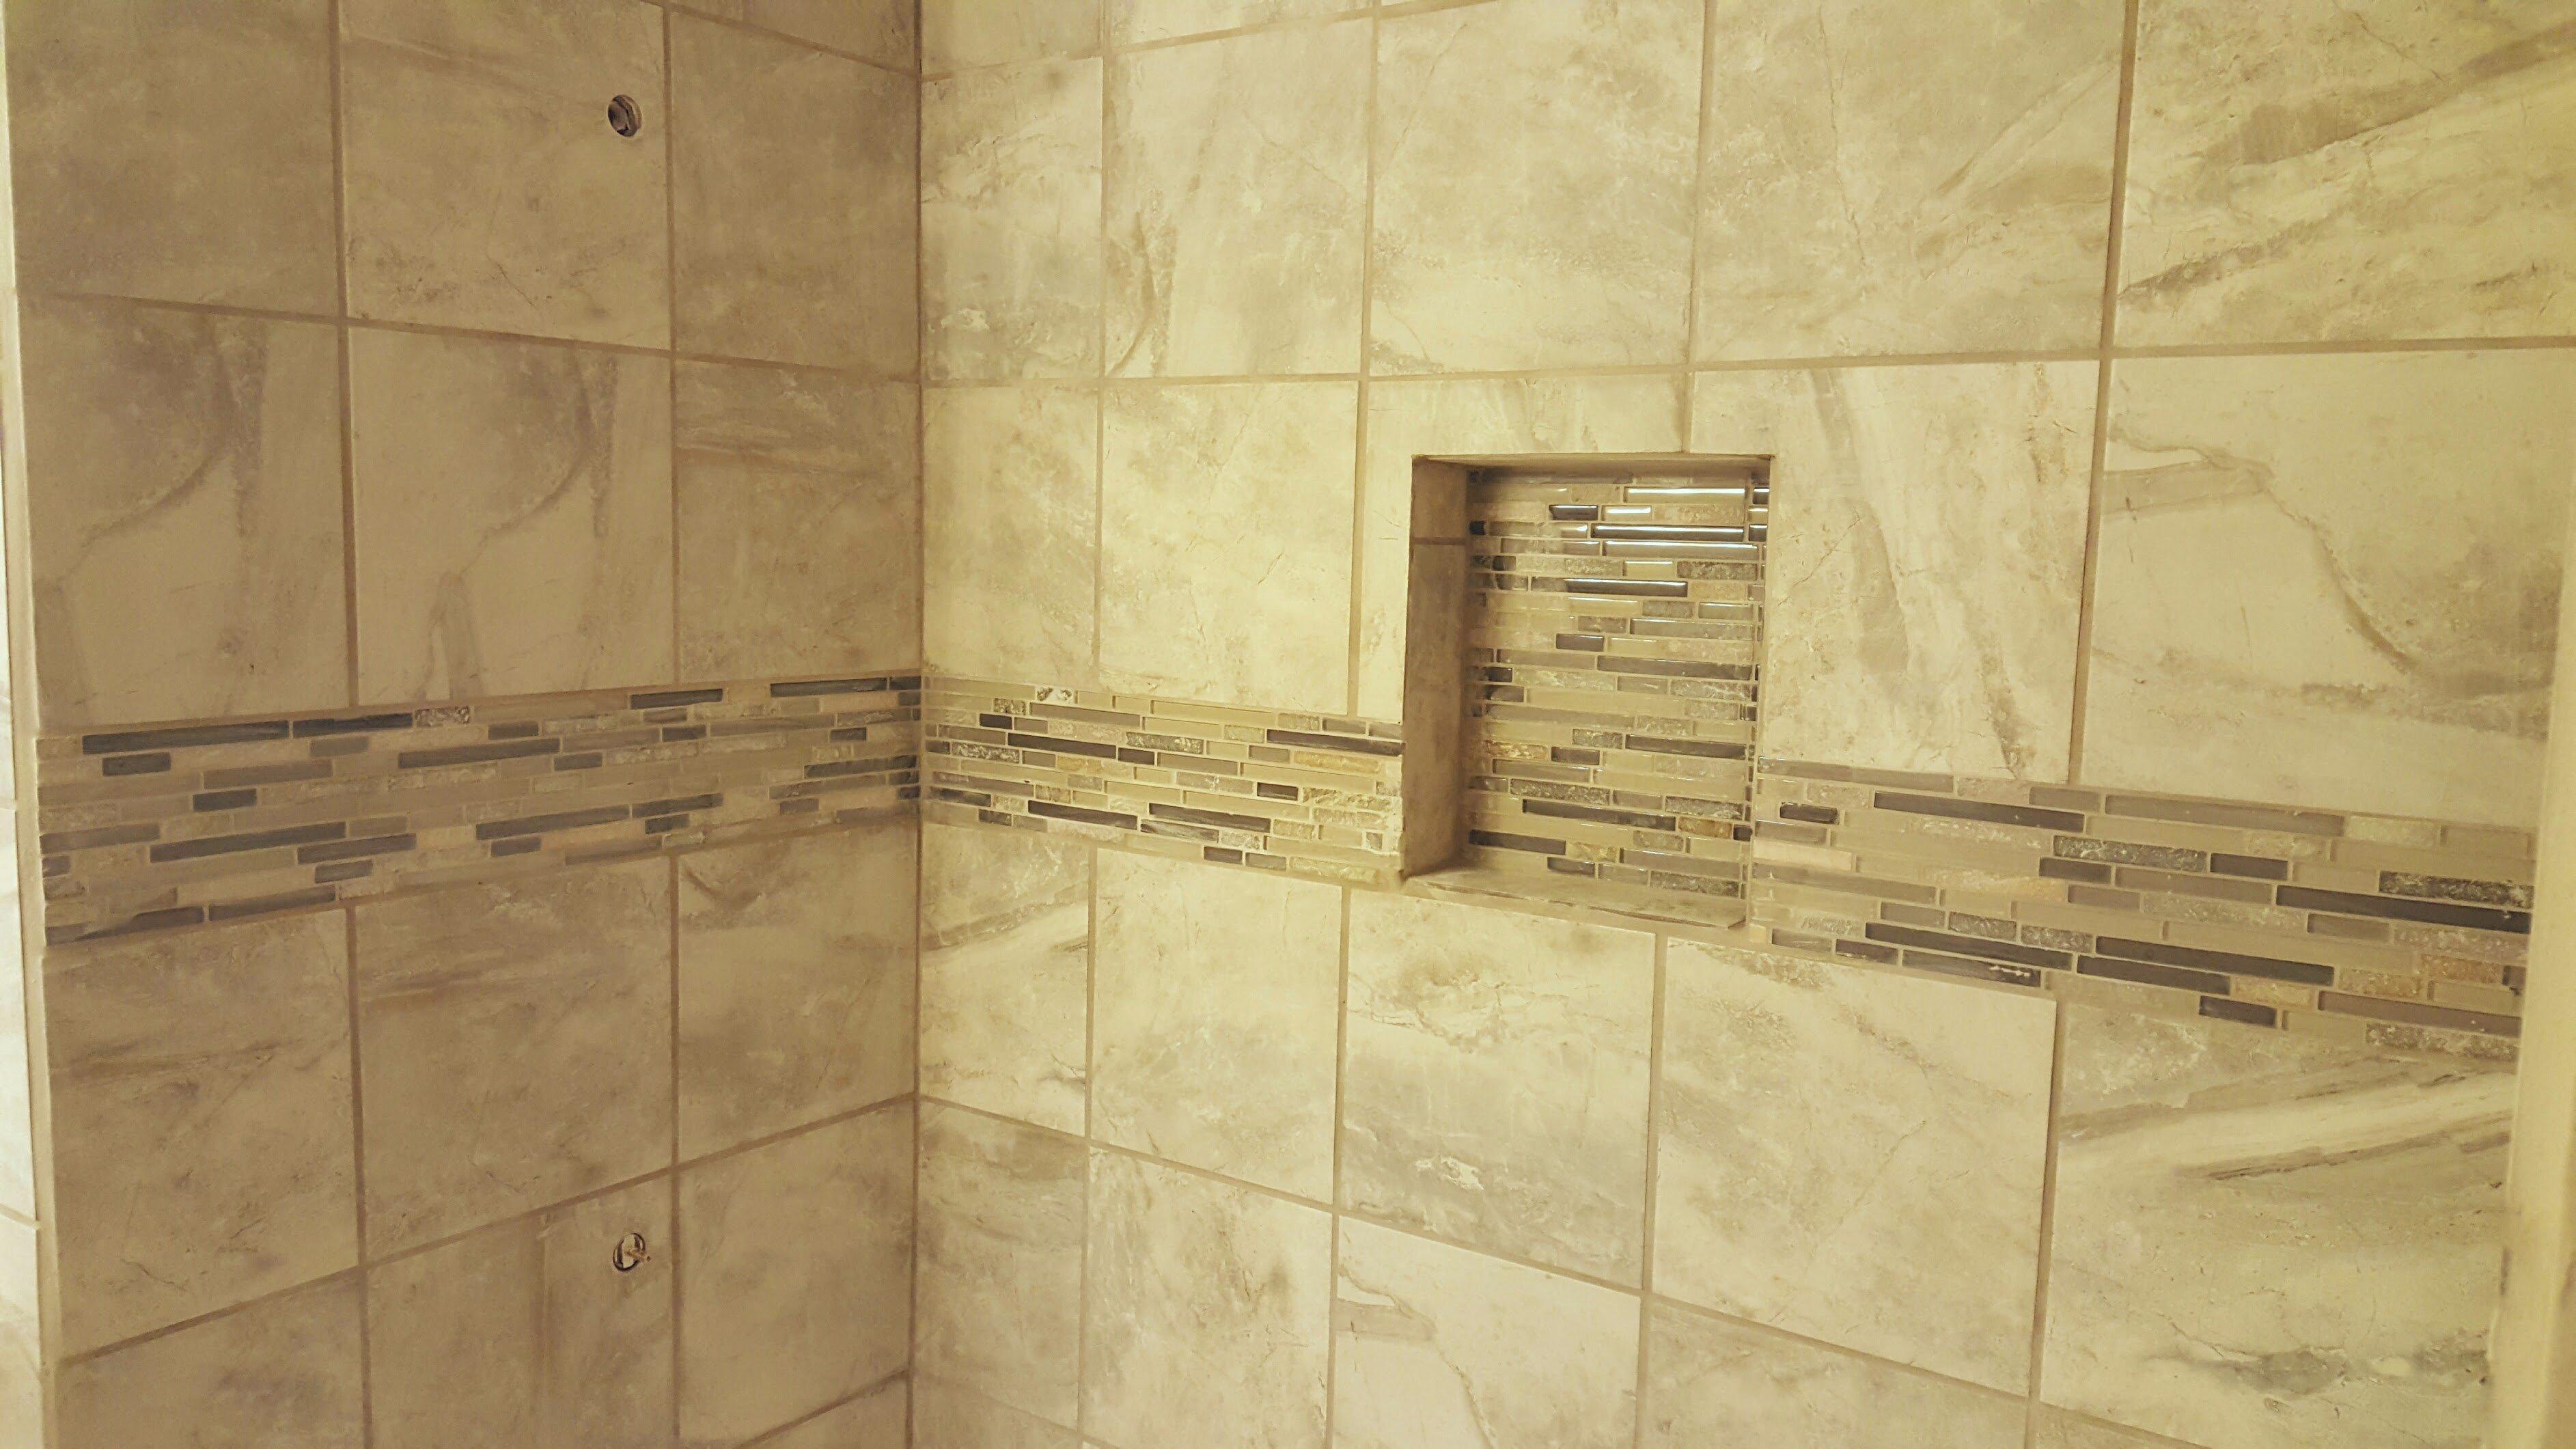 OTS Construction Odessa TX Gallery - Bathroom remodel odessa tx